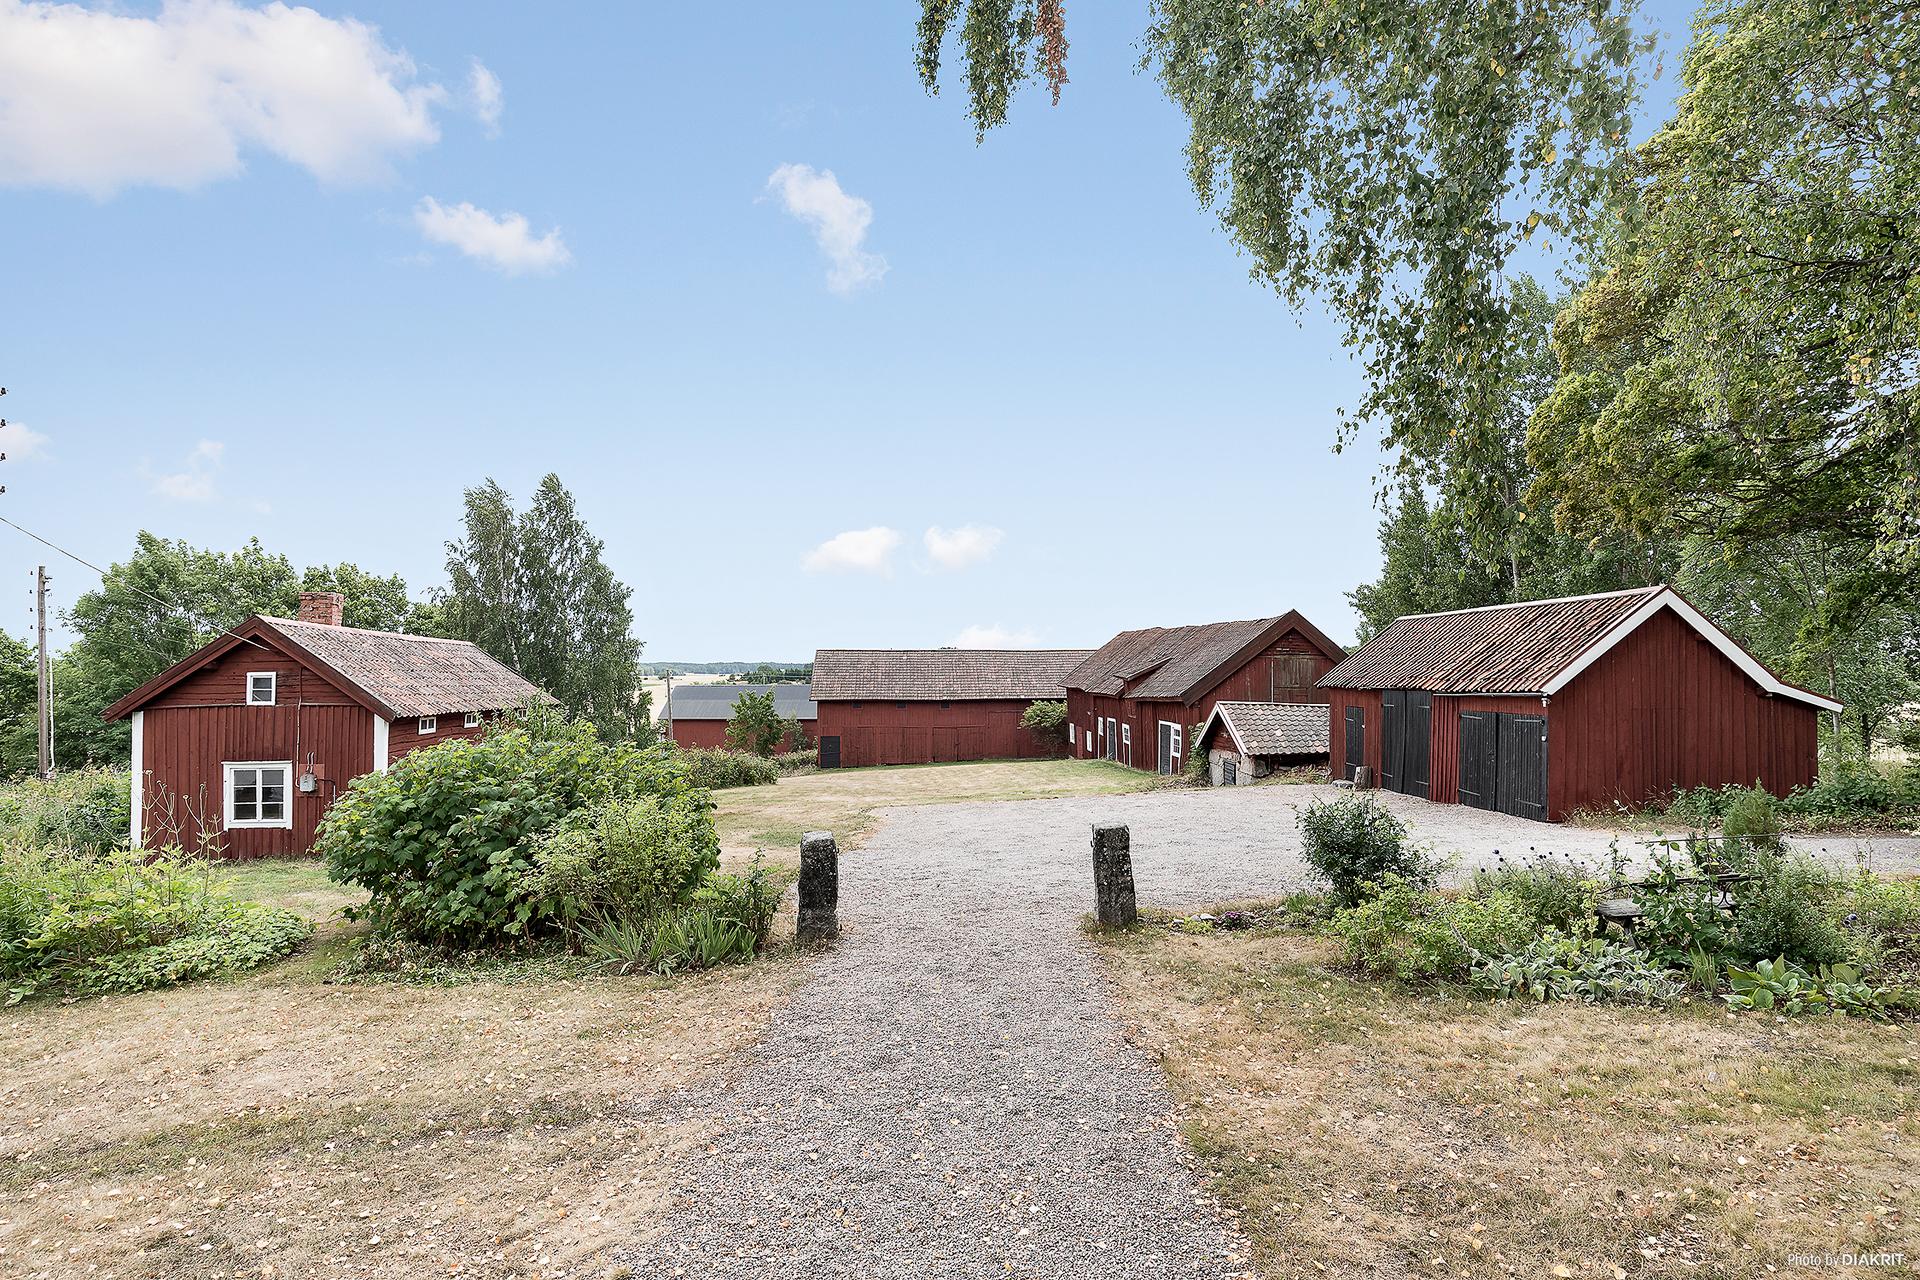 Byggnadsbestånd om 6 byggnader:  ladugård, stall/ladugård/loge, garage/vedbod, jordkällare och snickarbod.